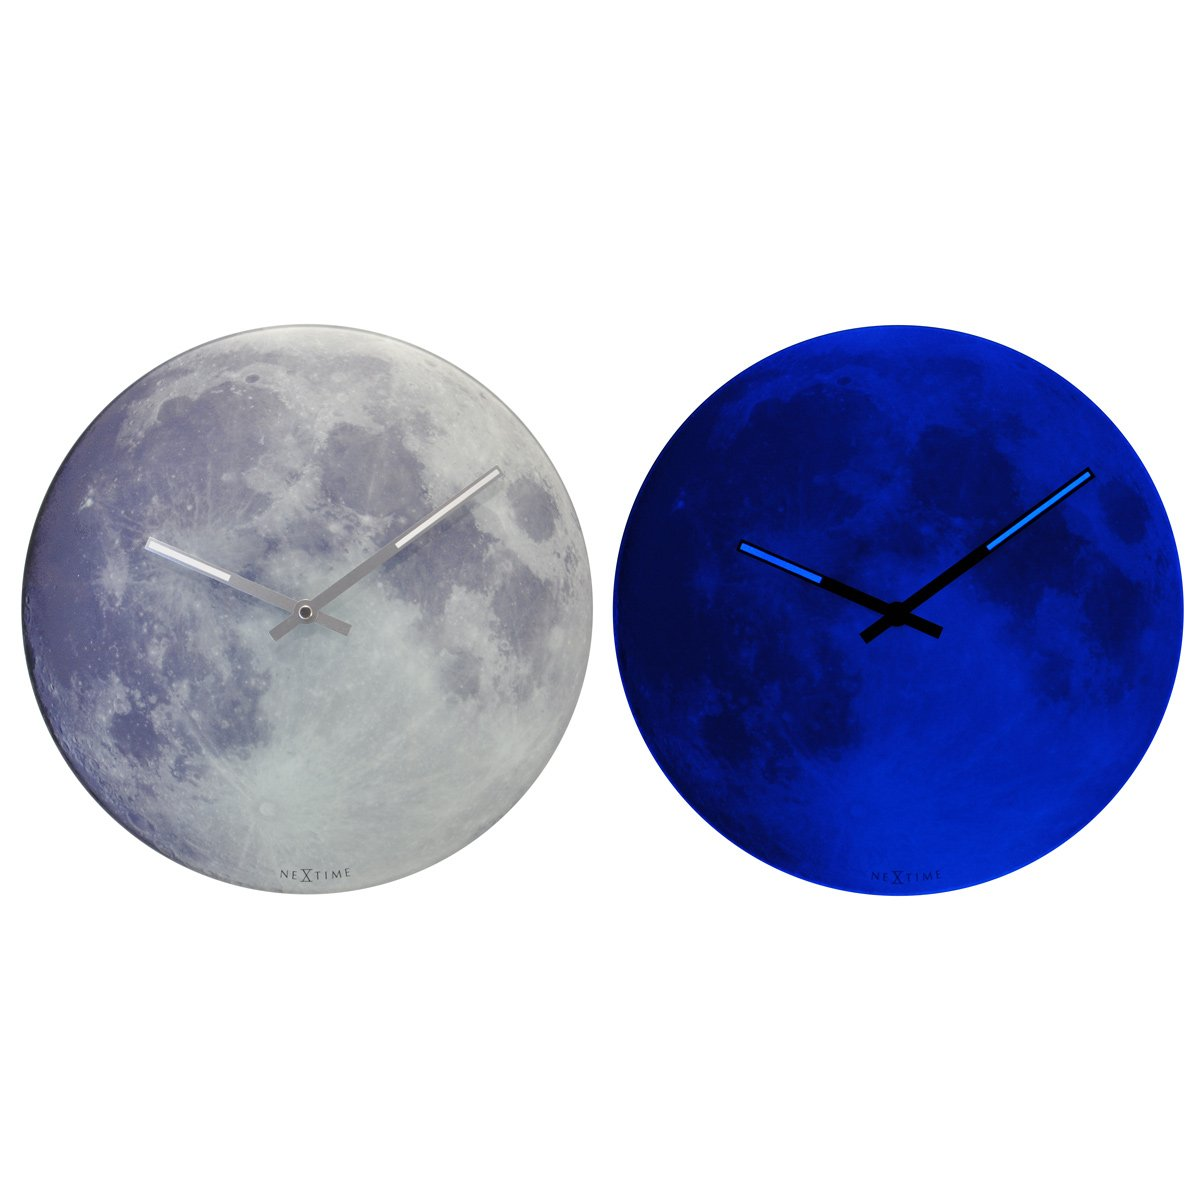 Nextime Blue Moon Wanduhr Kinderuhr Mond, Uhr leuchtet im Dunkeln, Glas Ø 30 cm, 8634 günstig online kaufen